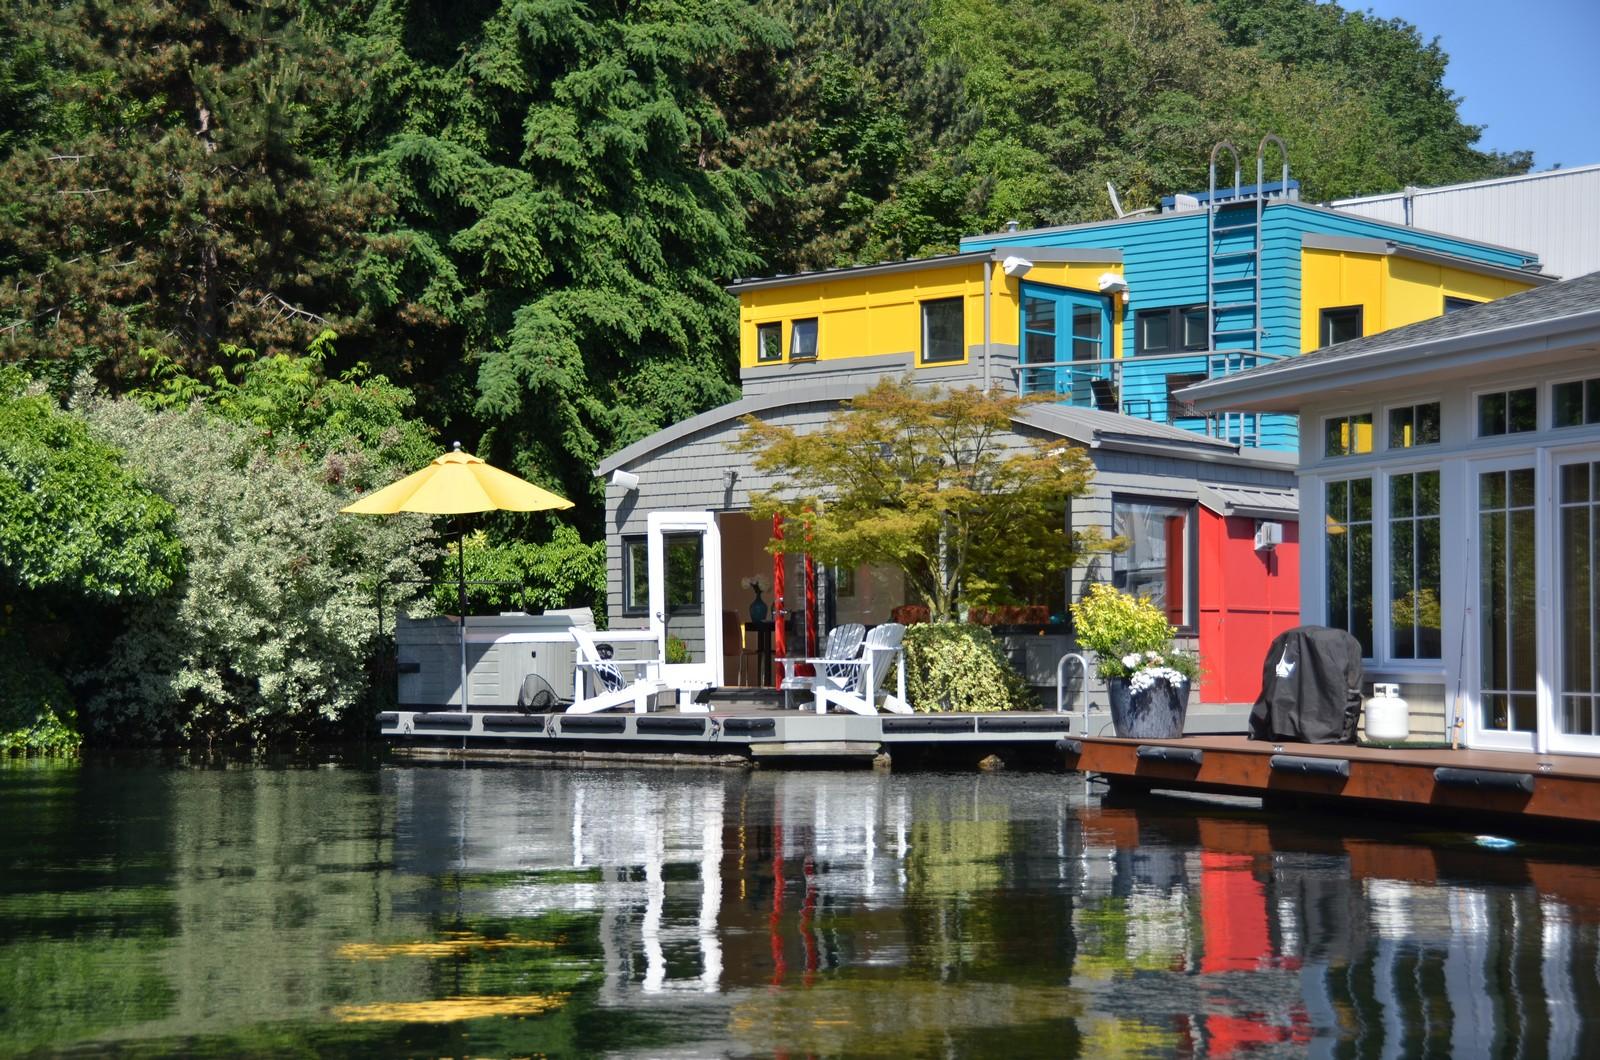 단독 가정 주택 용 매매 에 The Happy Floating Home 2466 Westlake Ave N # 19 Seattle, 워싱톤 98109 미국